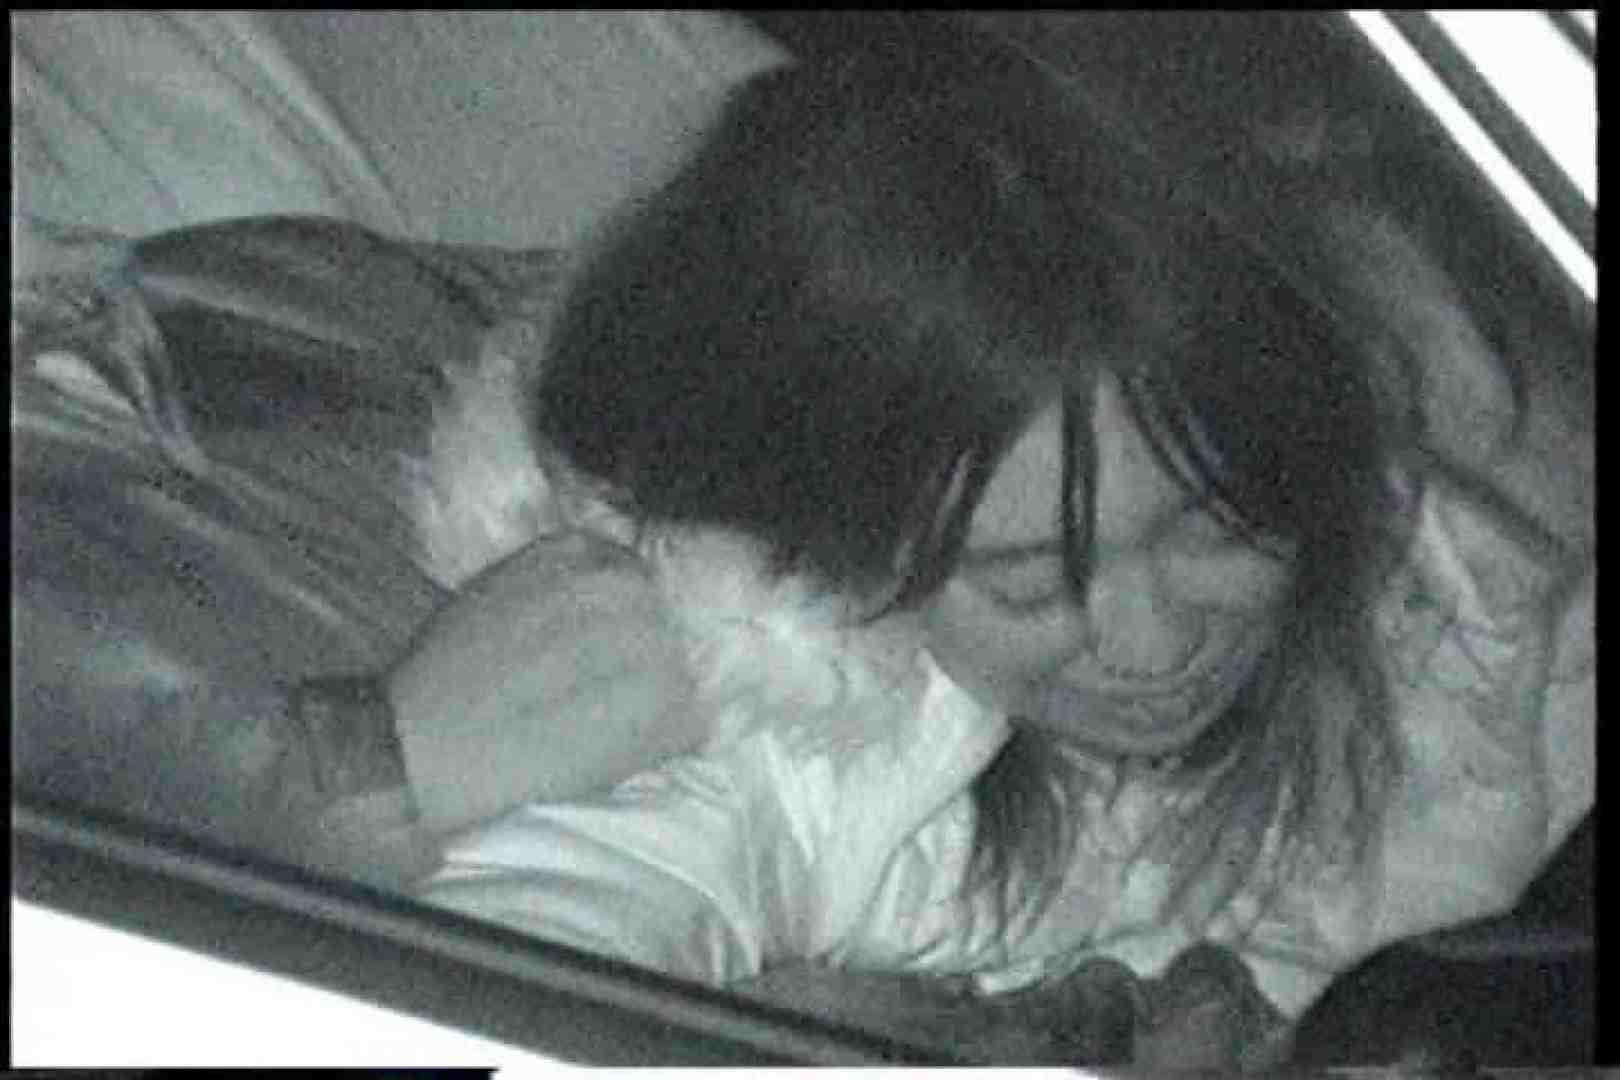 充血監督の深夜の運動会Vol.165 OLエロ画像  105PICs 66